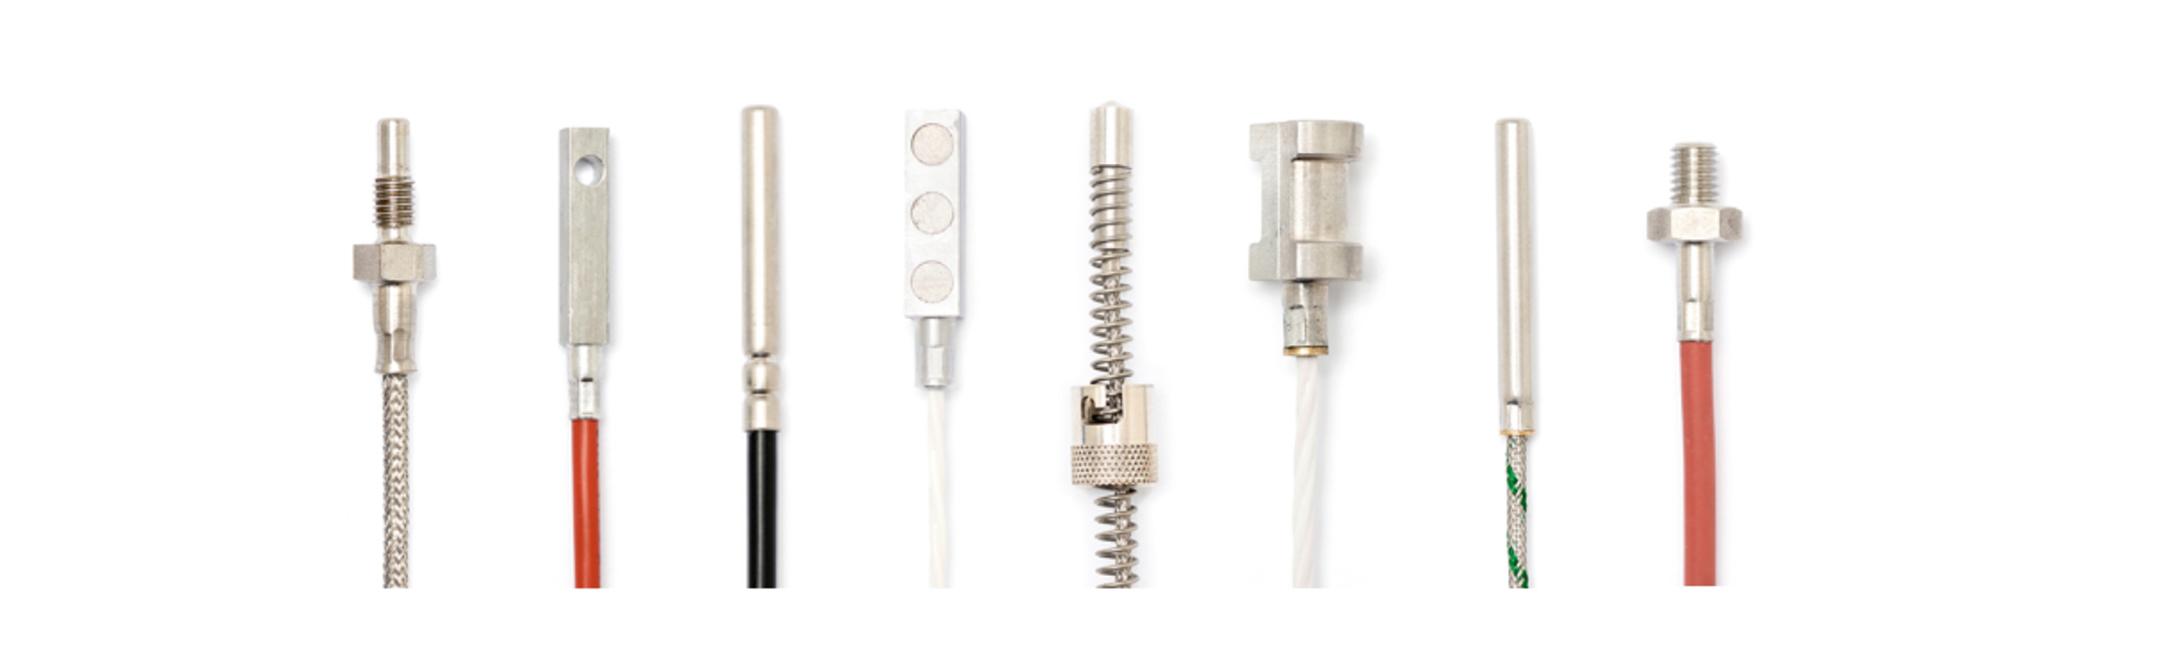 Temperatursensoren in verschiedenen Ausführungen und Kabellängen